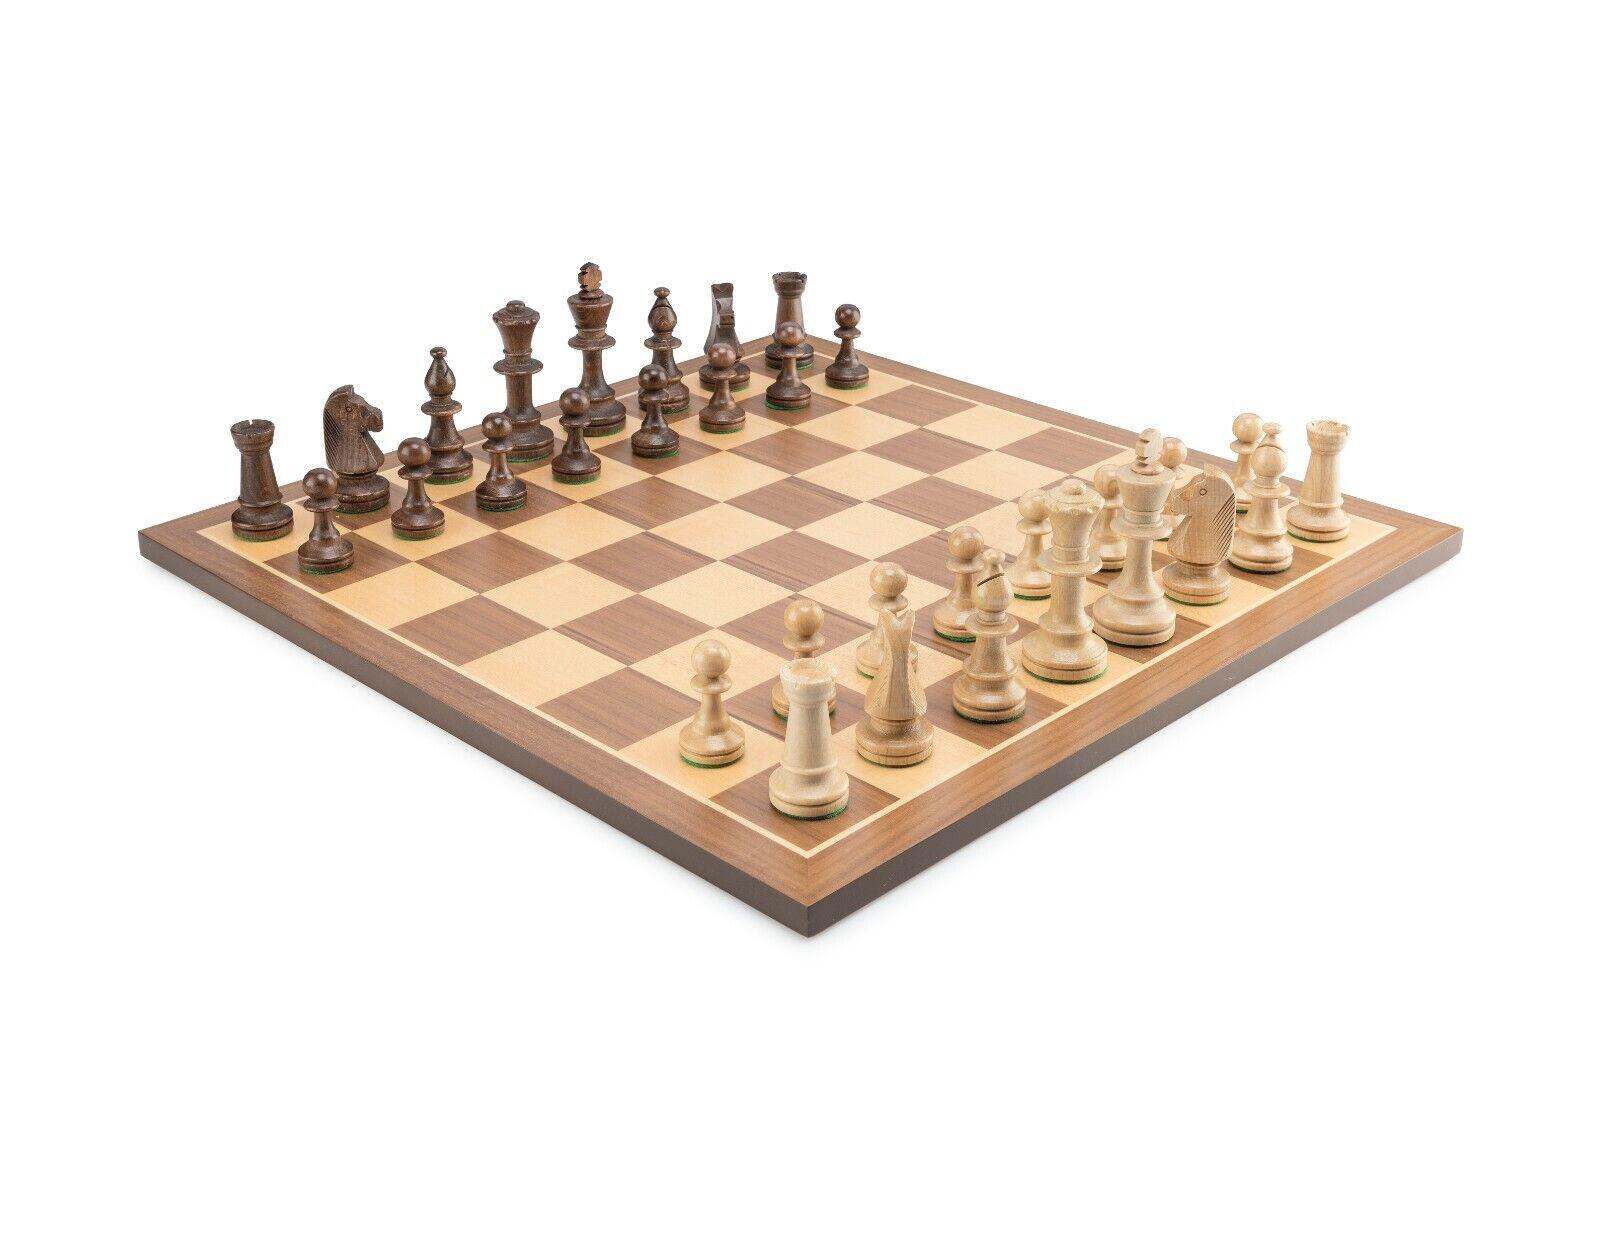 Standard wooden tournament chess set  ESSEN STAUNTON - weighted,felted pieces